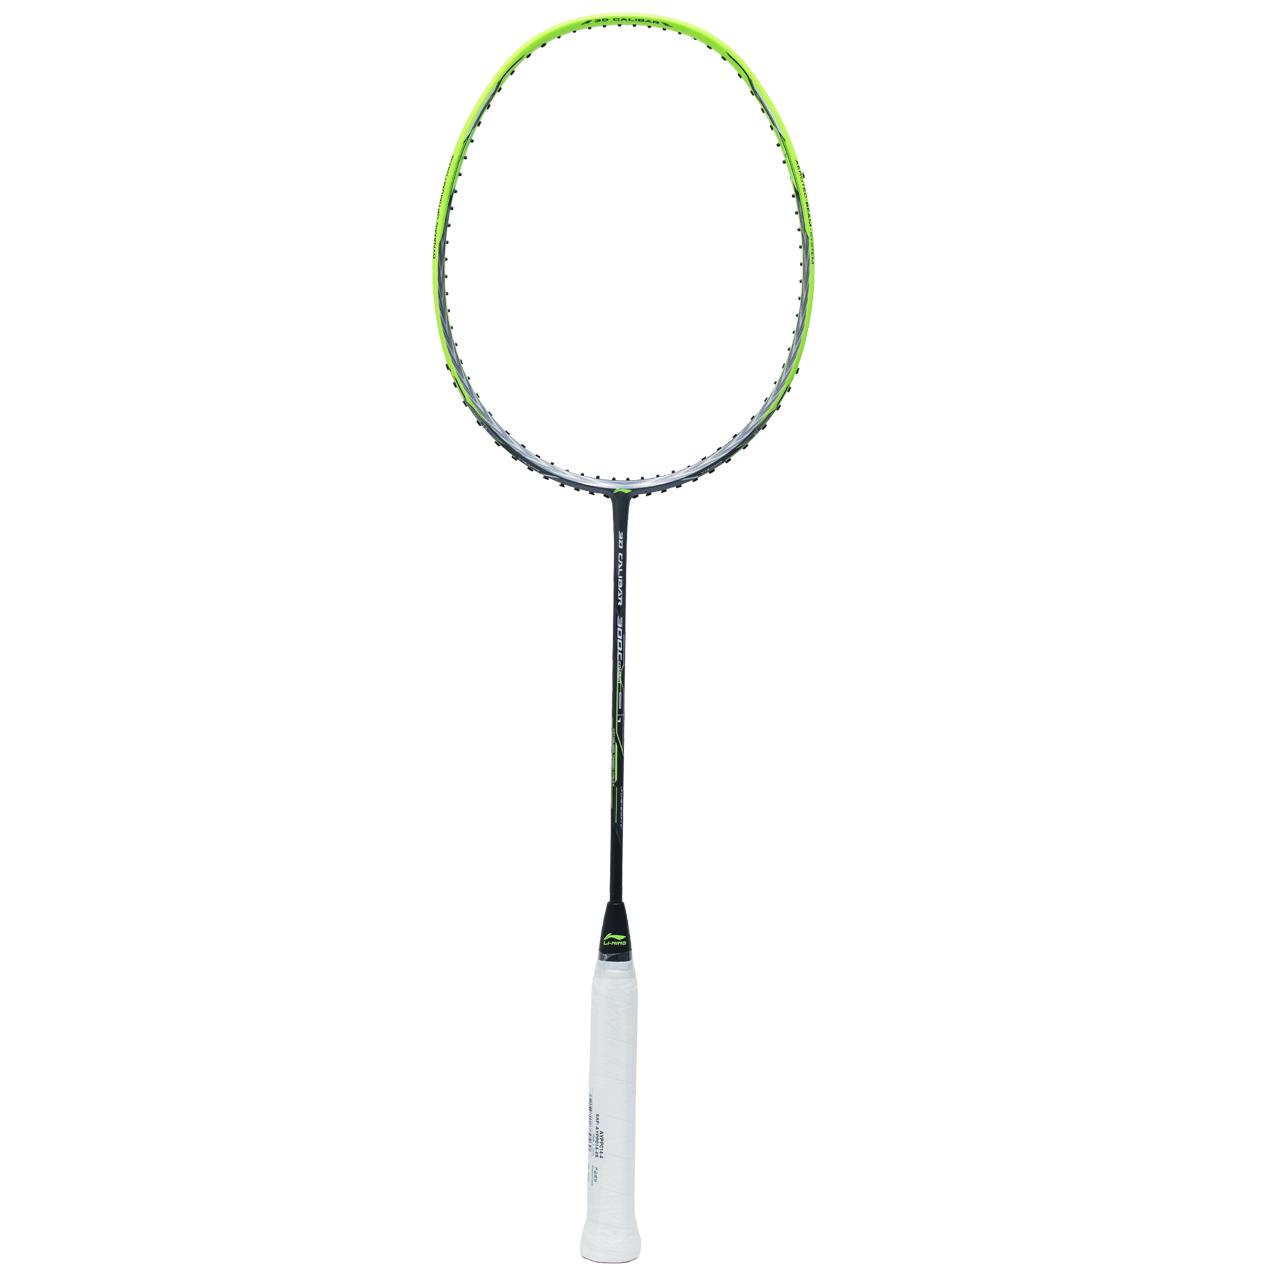 LI-NING 3D Calibar 300C Badminton Racquet